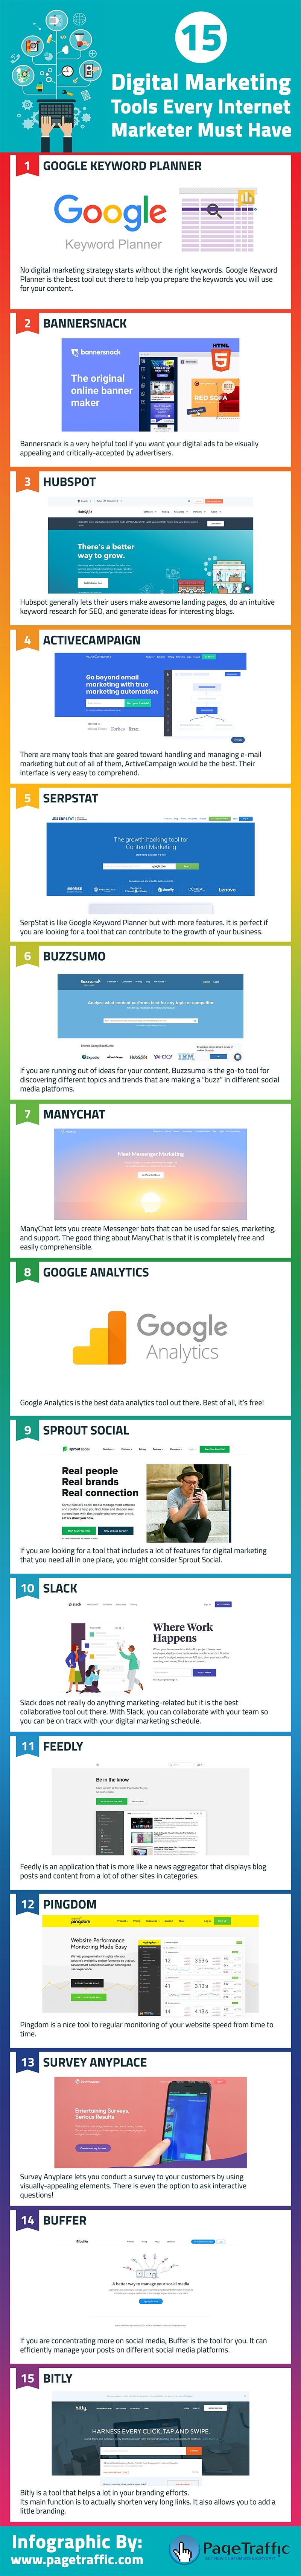 15 công cụ Digital Marketing đáng sử dụng nhất trong năm 2019